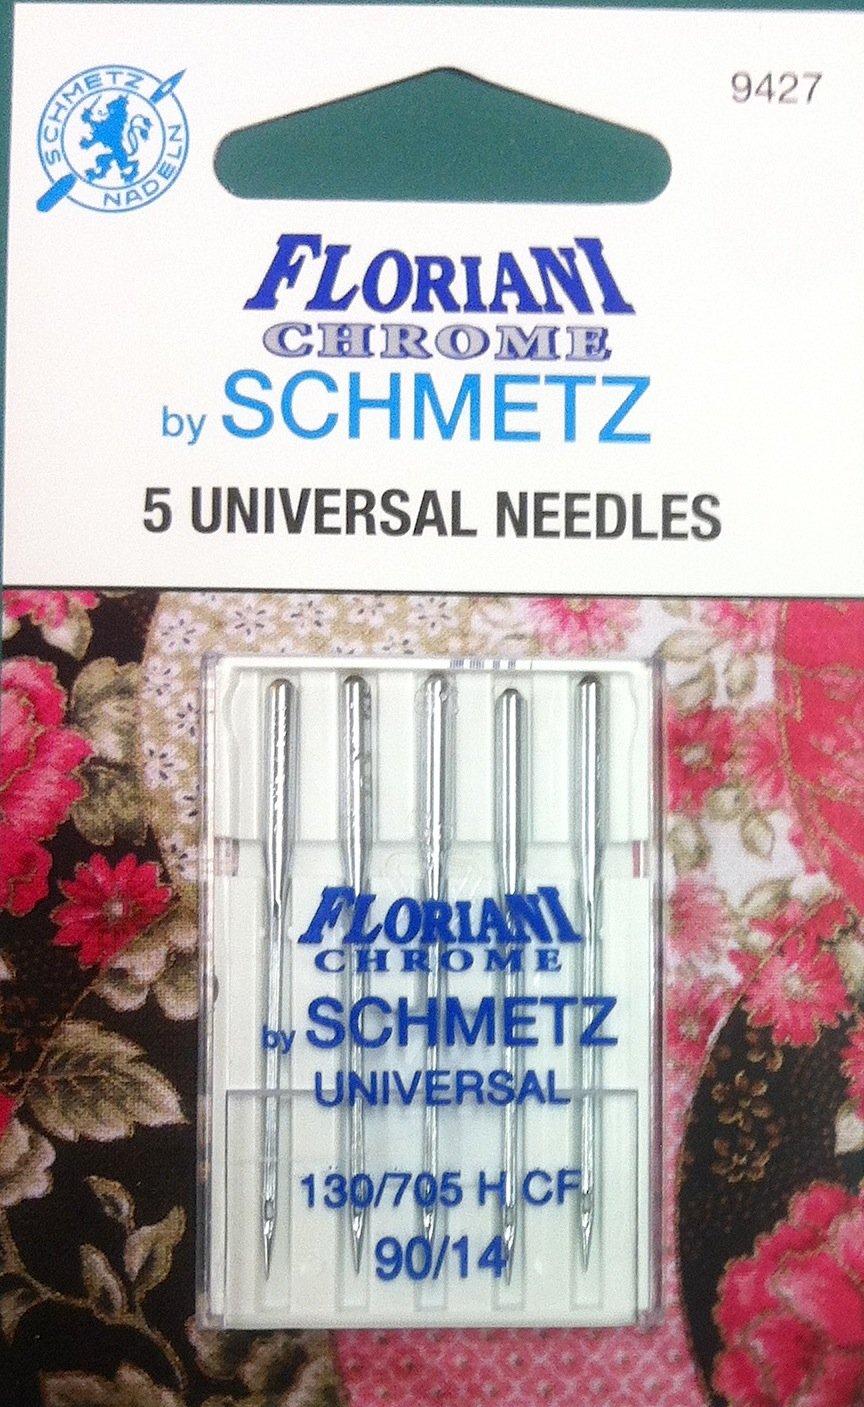 Schmetz Floriani Chrome Universal Needles 90/14